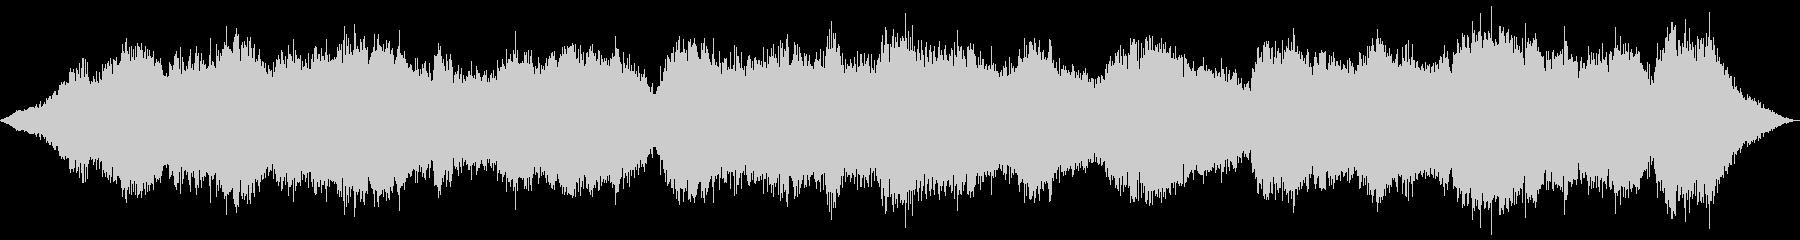 リズムベースのサウンドエフェクトと...の未再生の波形